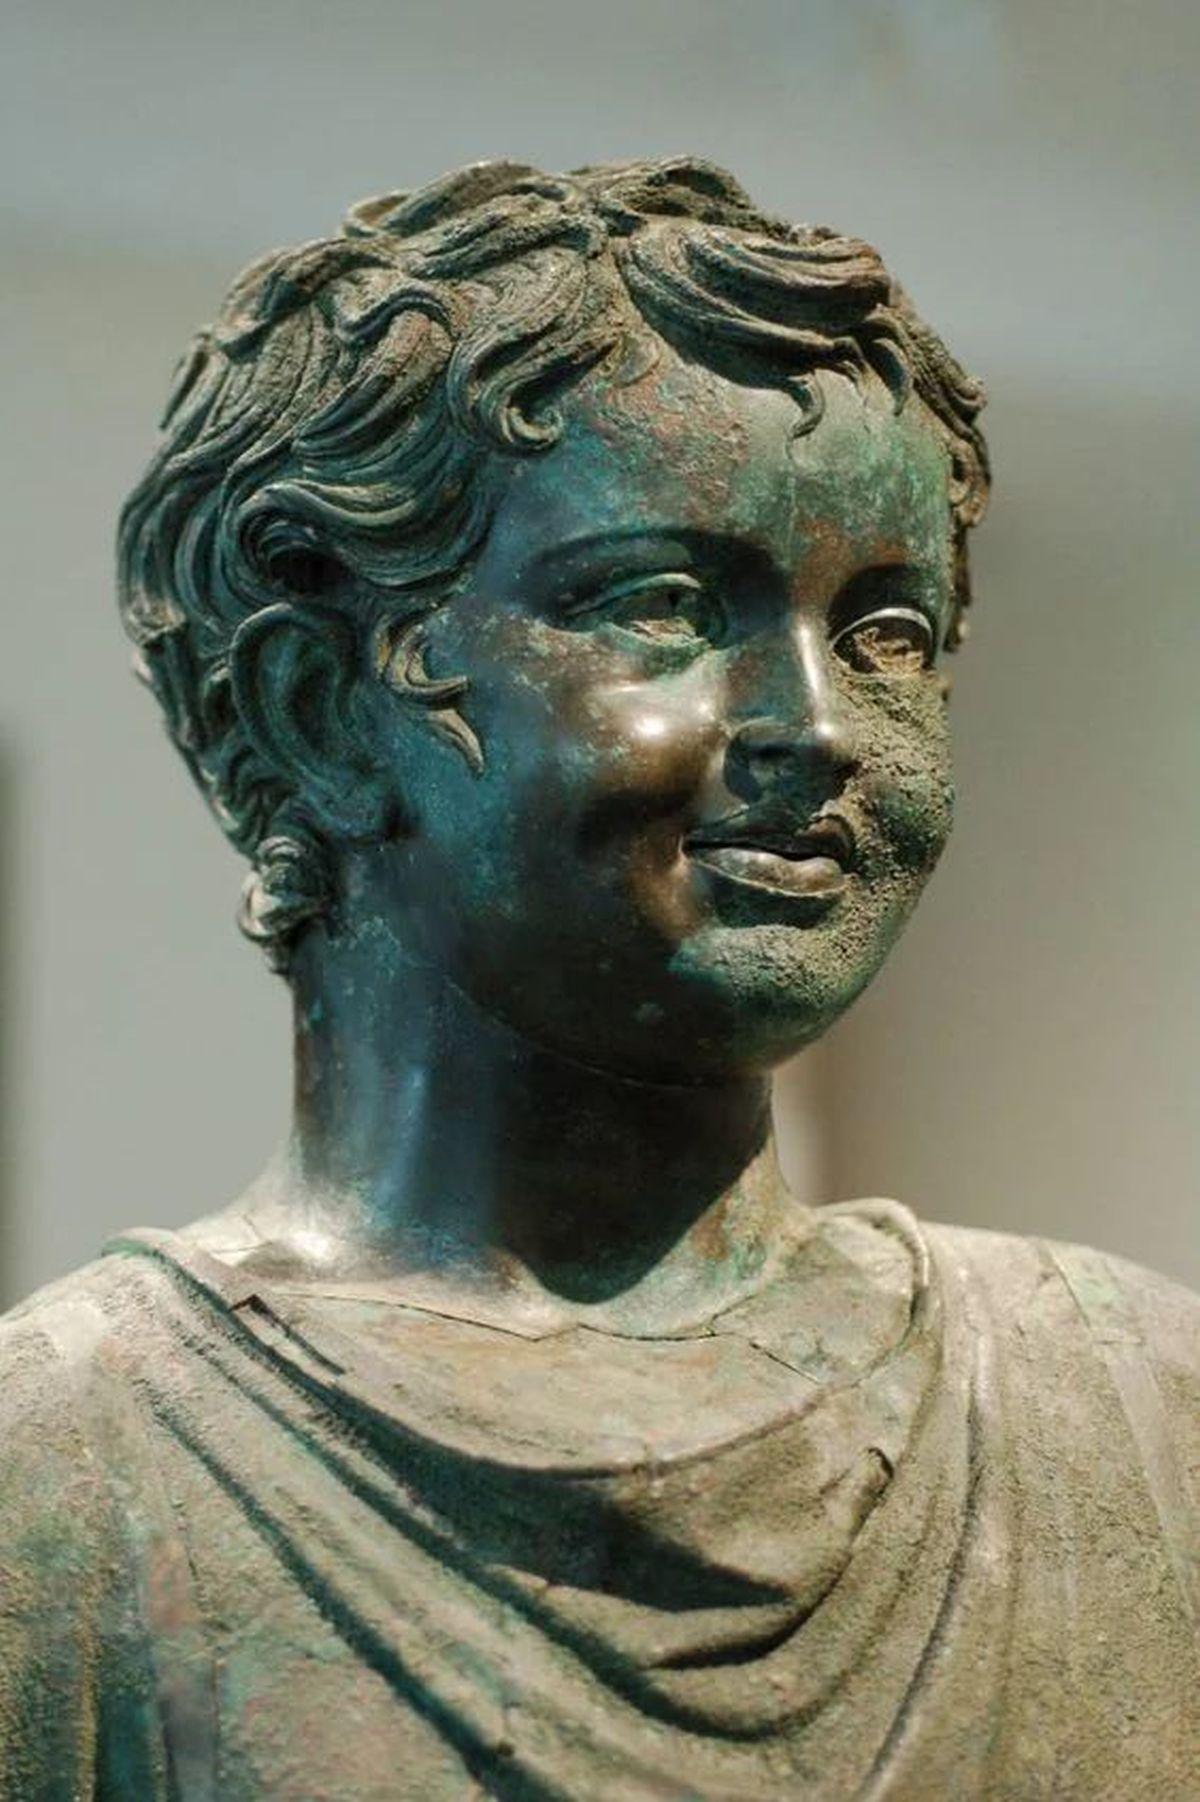 Rzeźba rzymska ukazująca uśmiechniętego chłopca. | romancoins.info